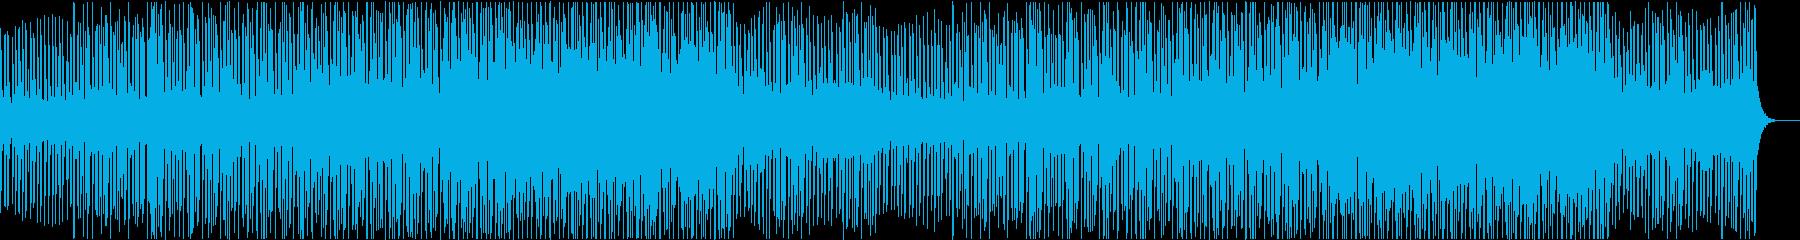 クールで落ち着いた印象のチュートリアル曲の再生済みの波形